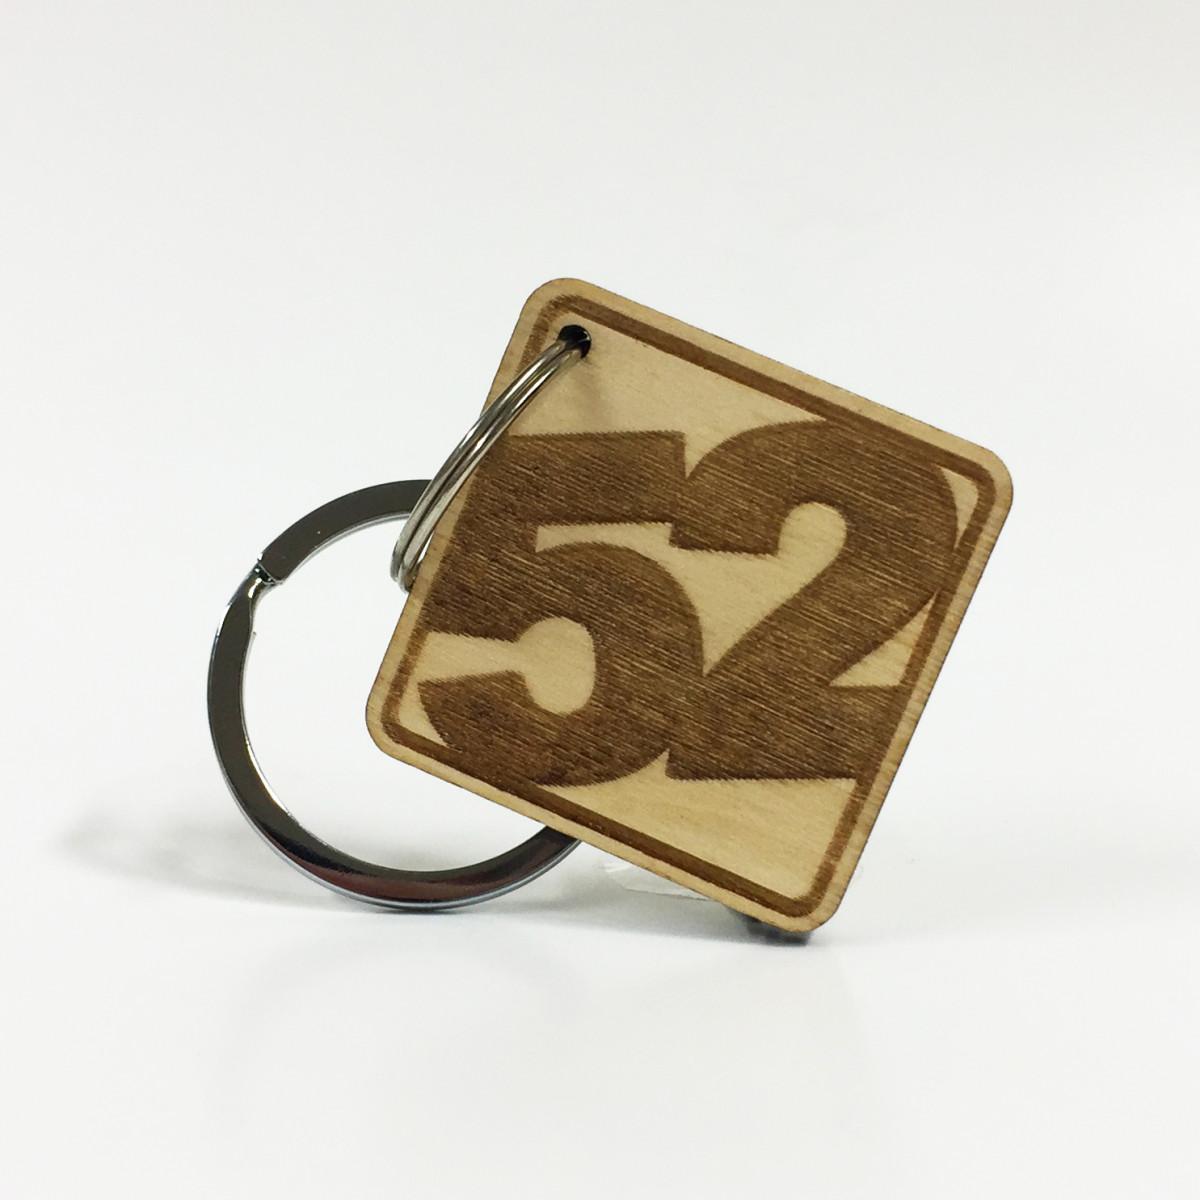 Birch Ply '52' Key Ring - Series 001